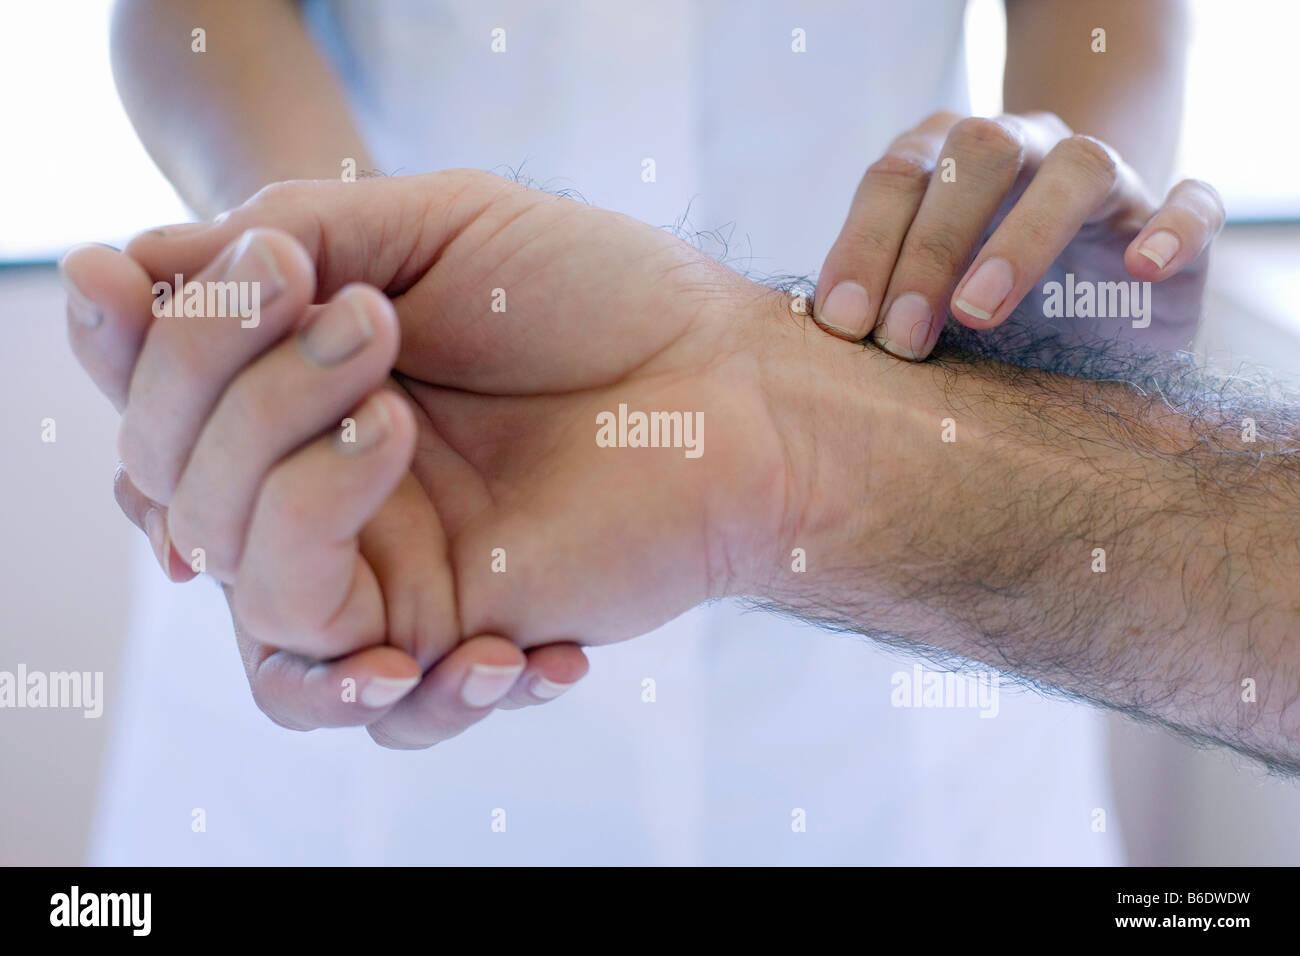 Controllo dell impulso. L'infermiera utilizzando le dita per sentire un polso. Immagini Stock